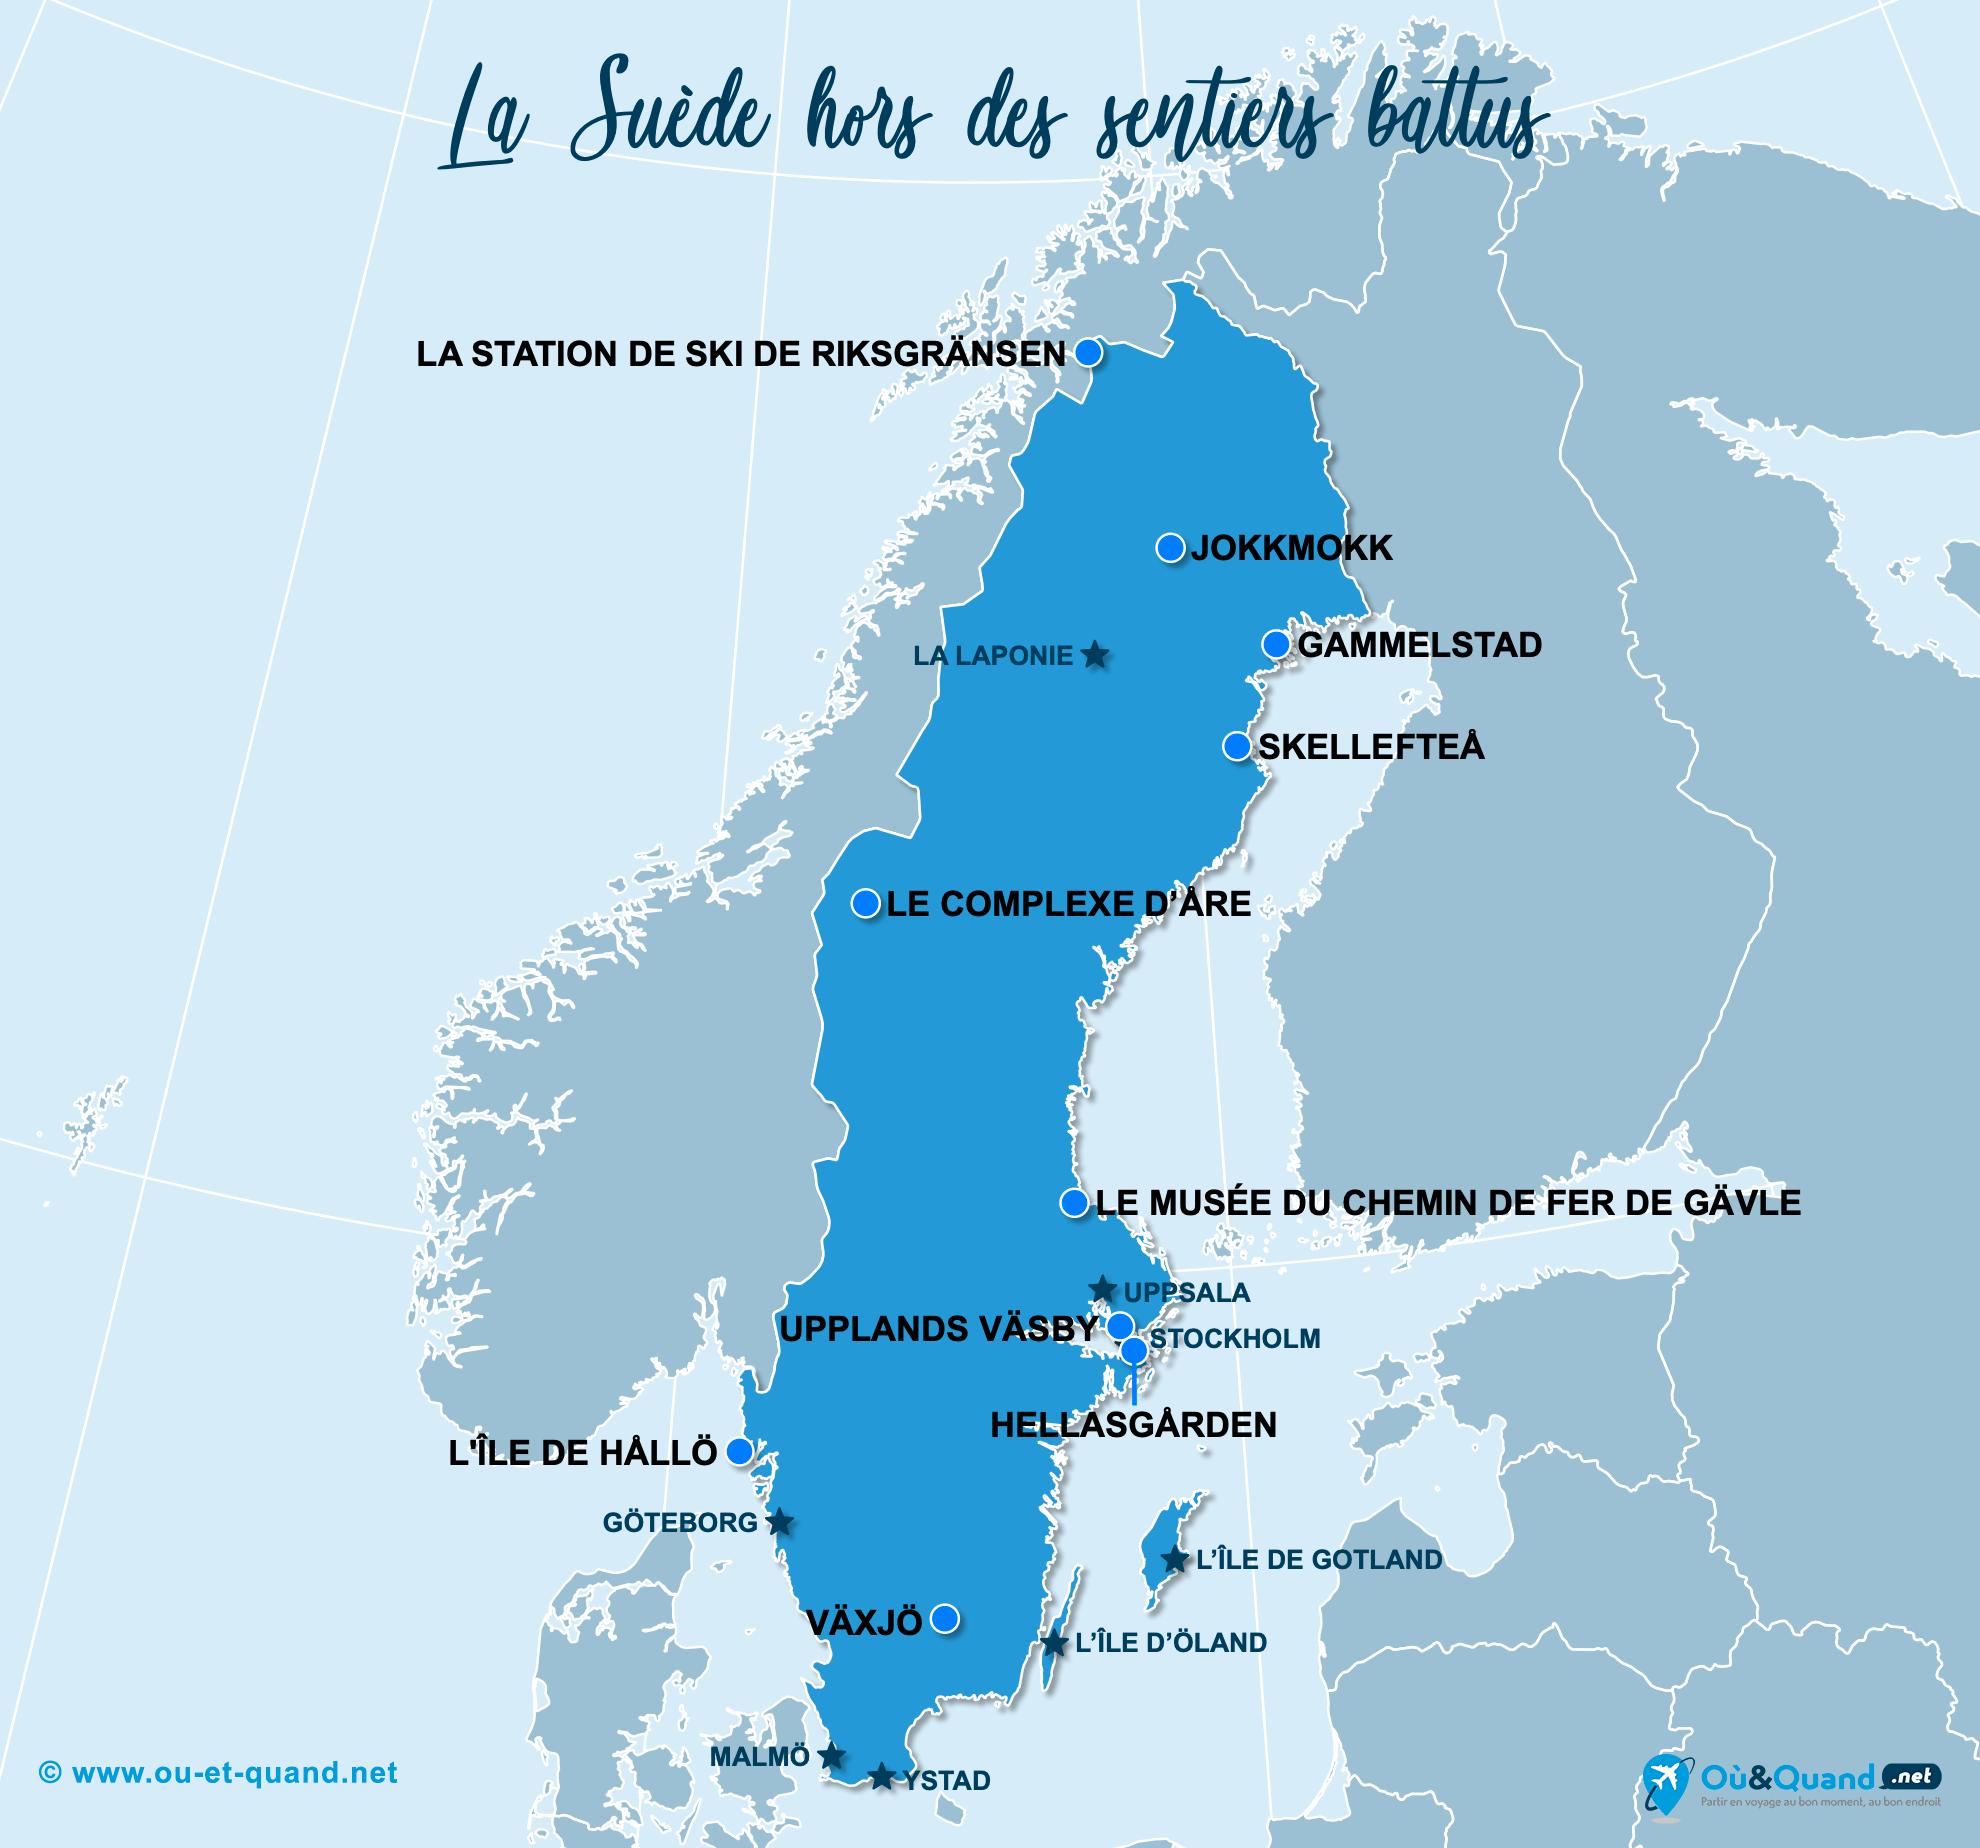 Carte Suède : La Suède hors des sentiers battus